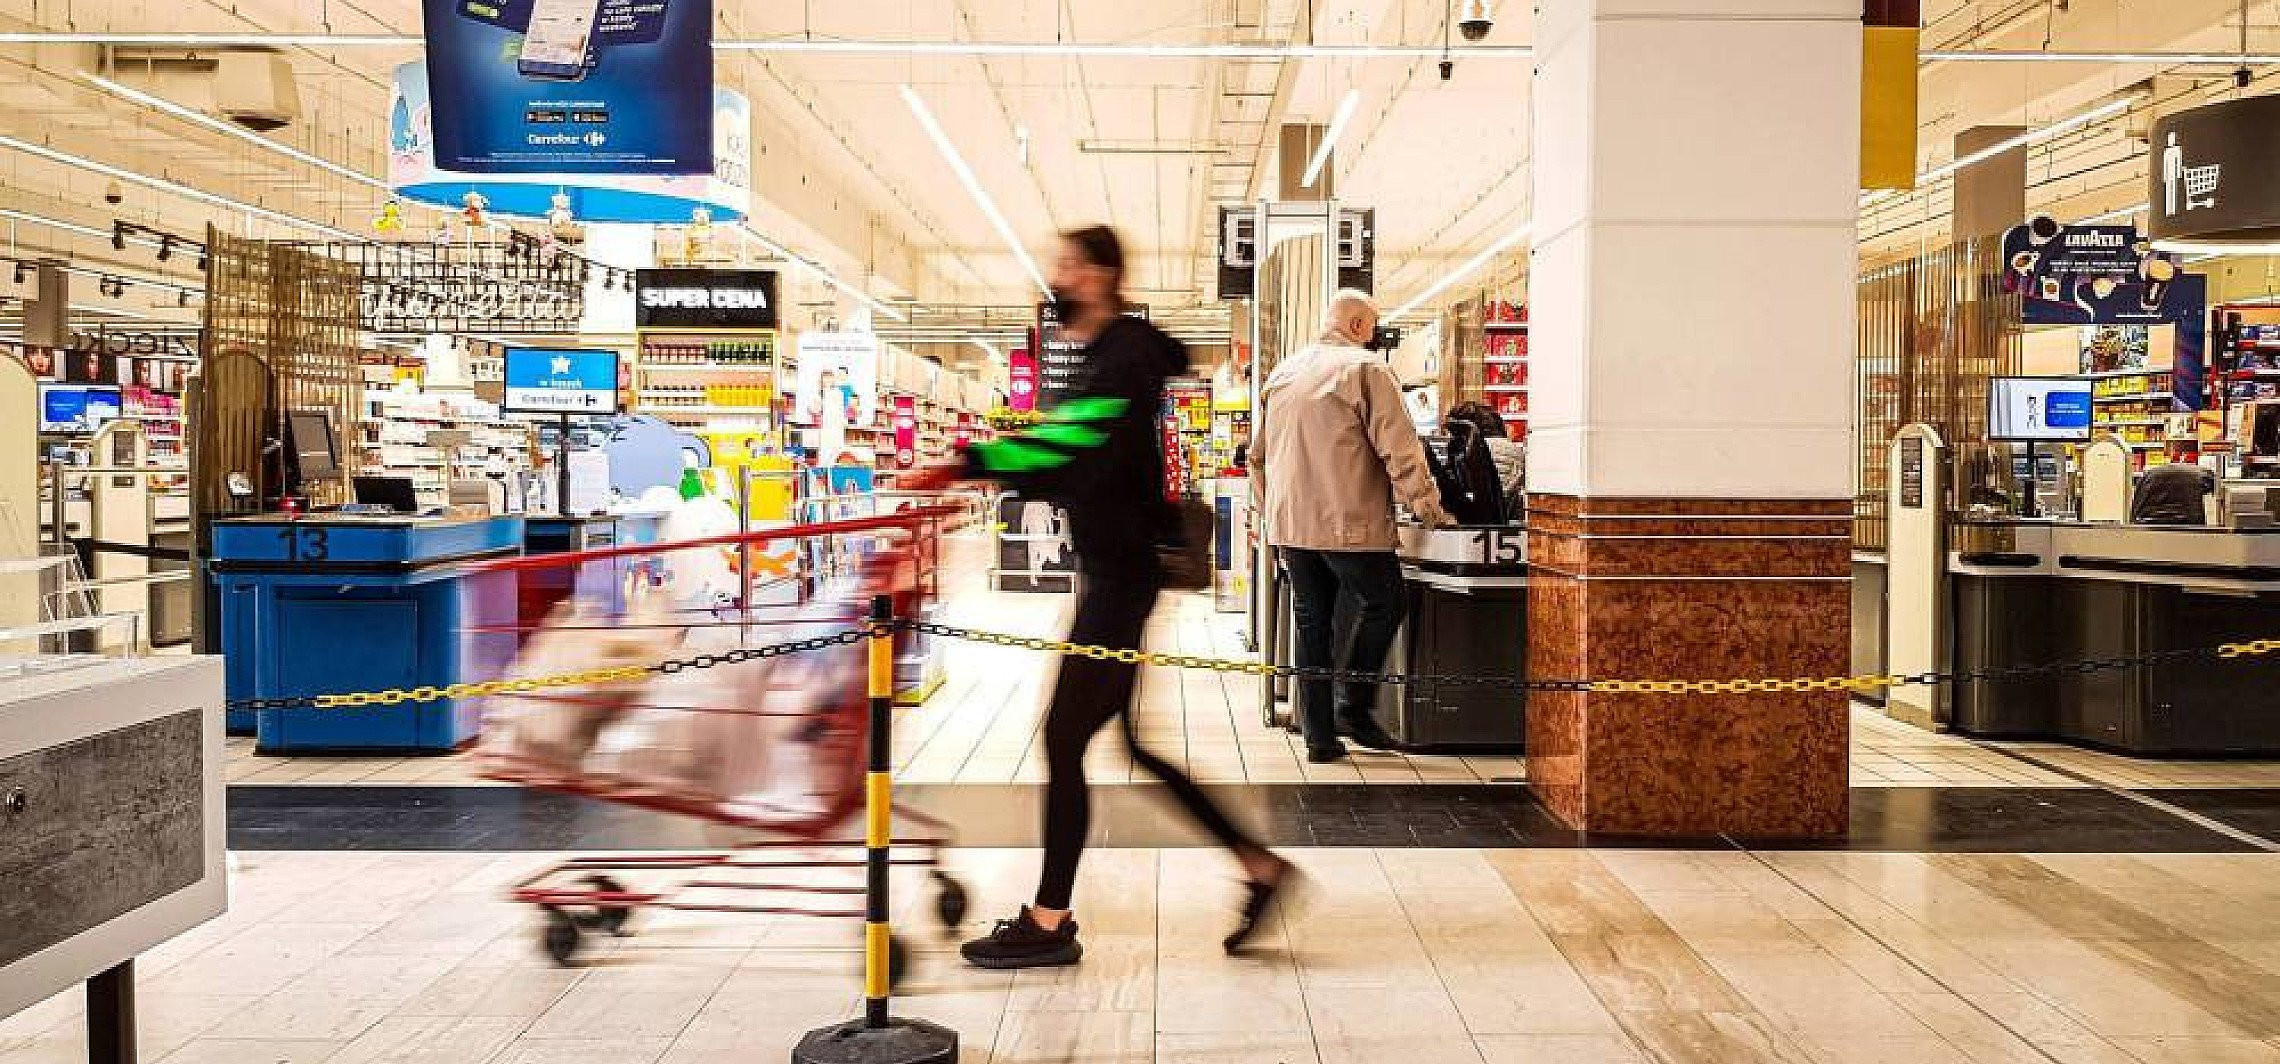 Kraj - Sieci handlowe wydłużają godziny otwarcia w związku z nowymi obostrzeniami